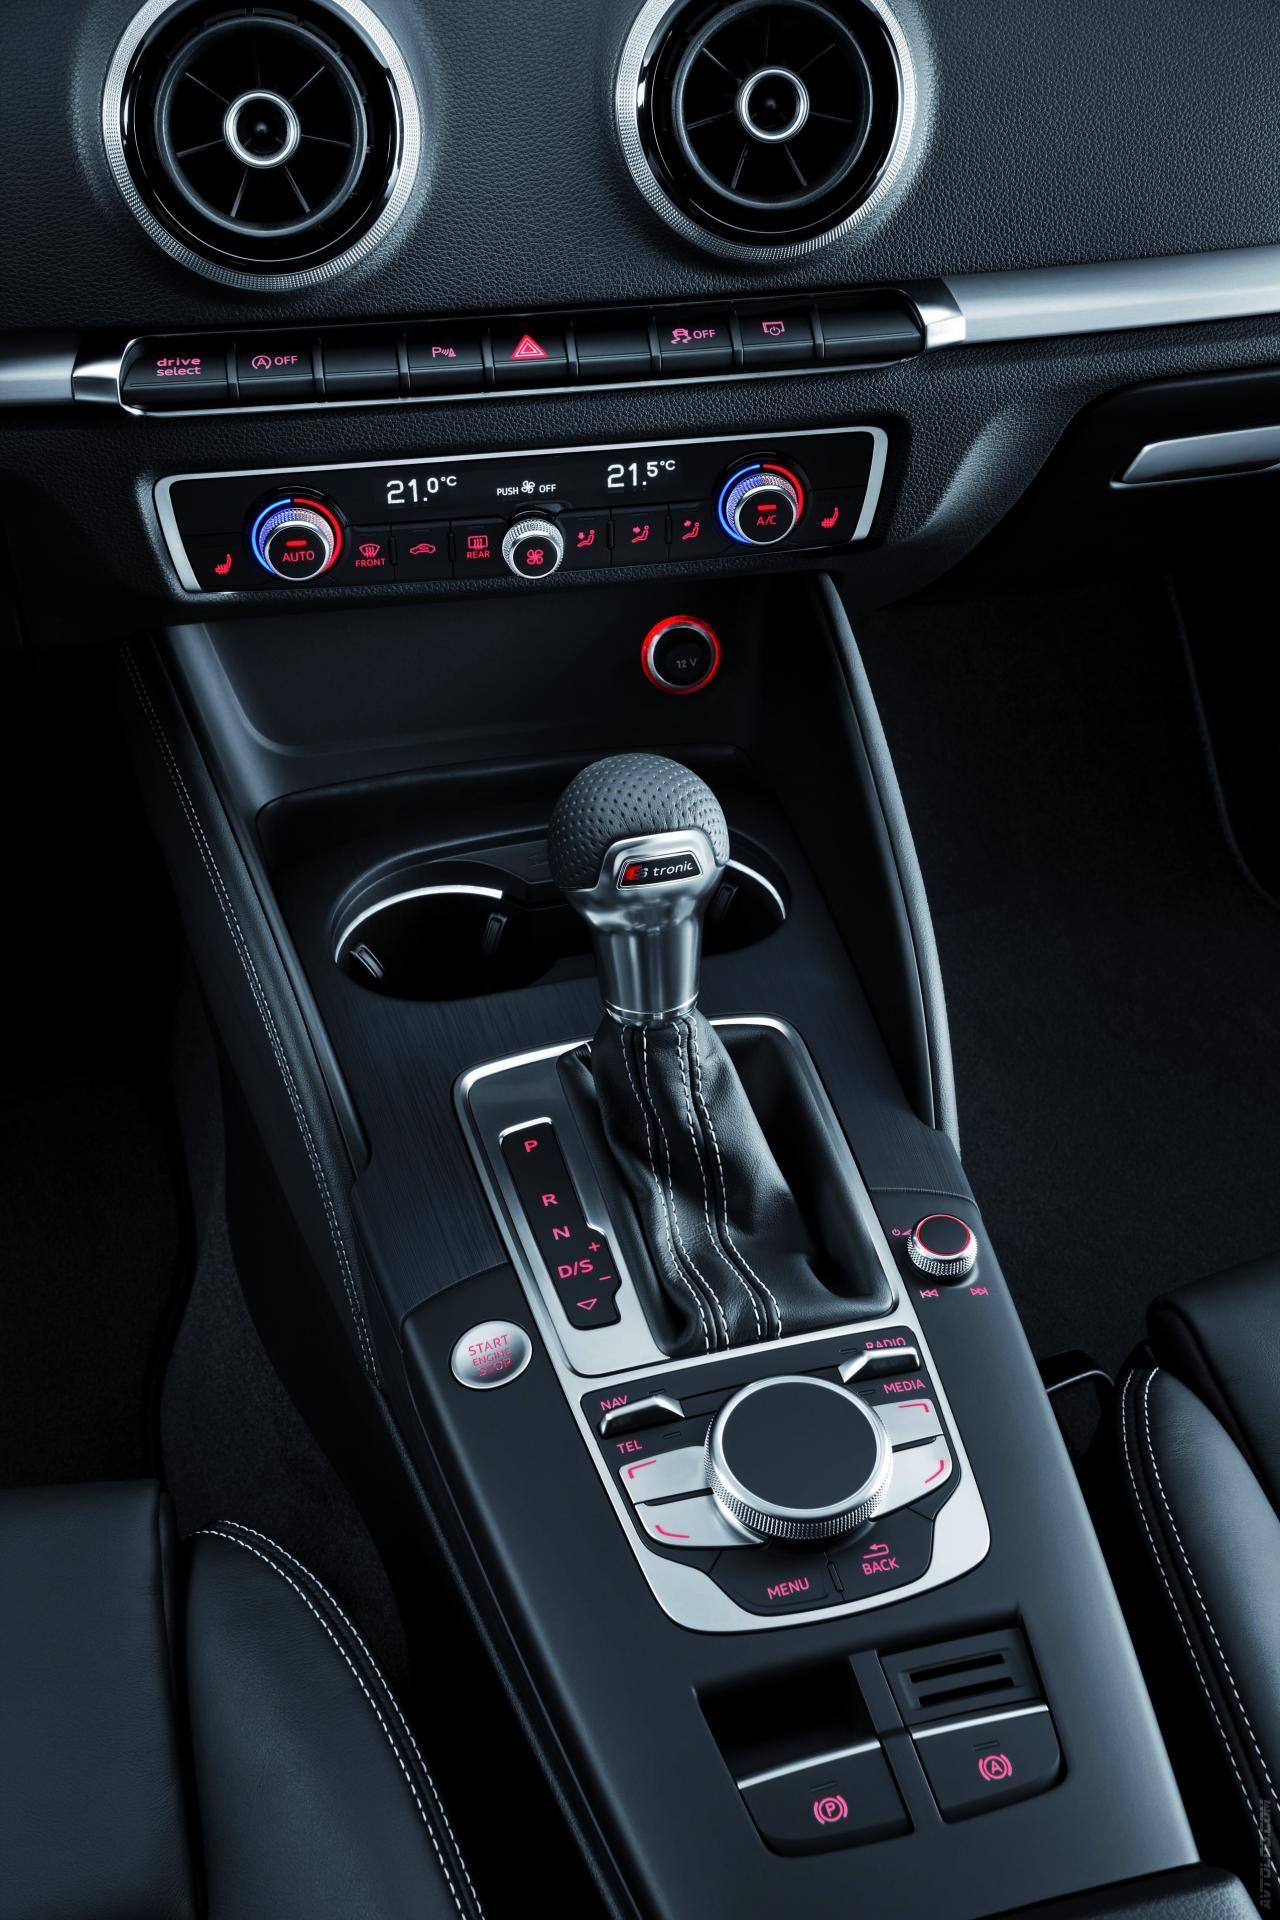 2013 Audi A3 Super Carros Carros Auto